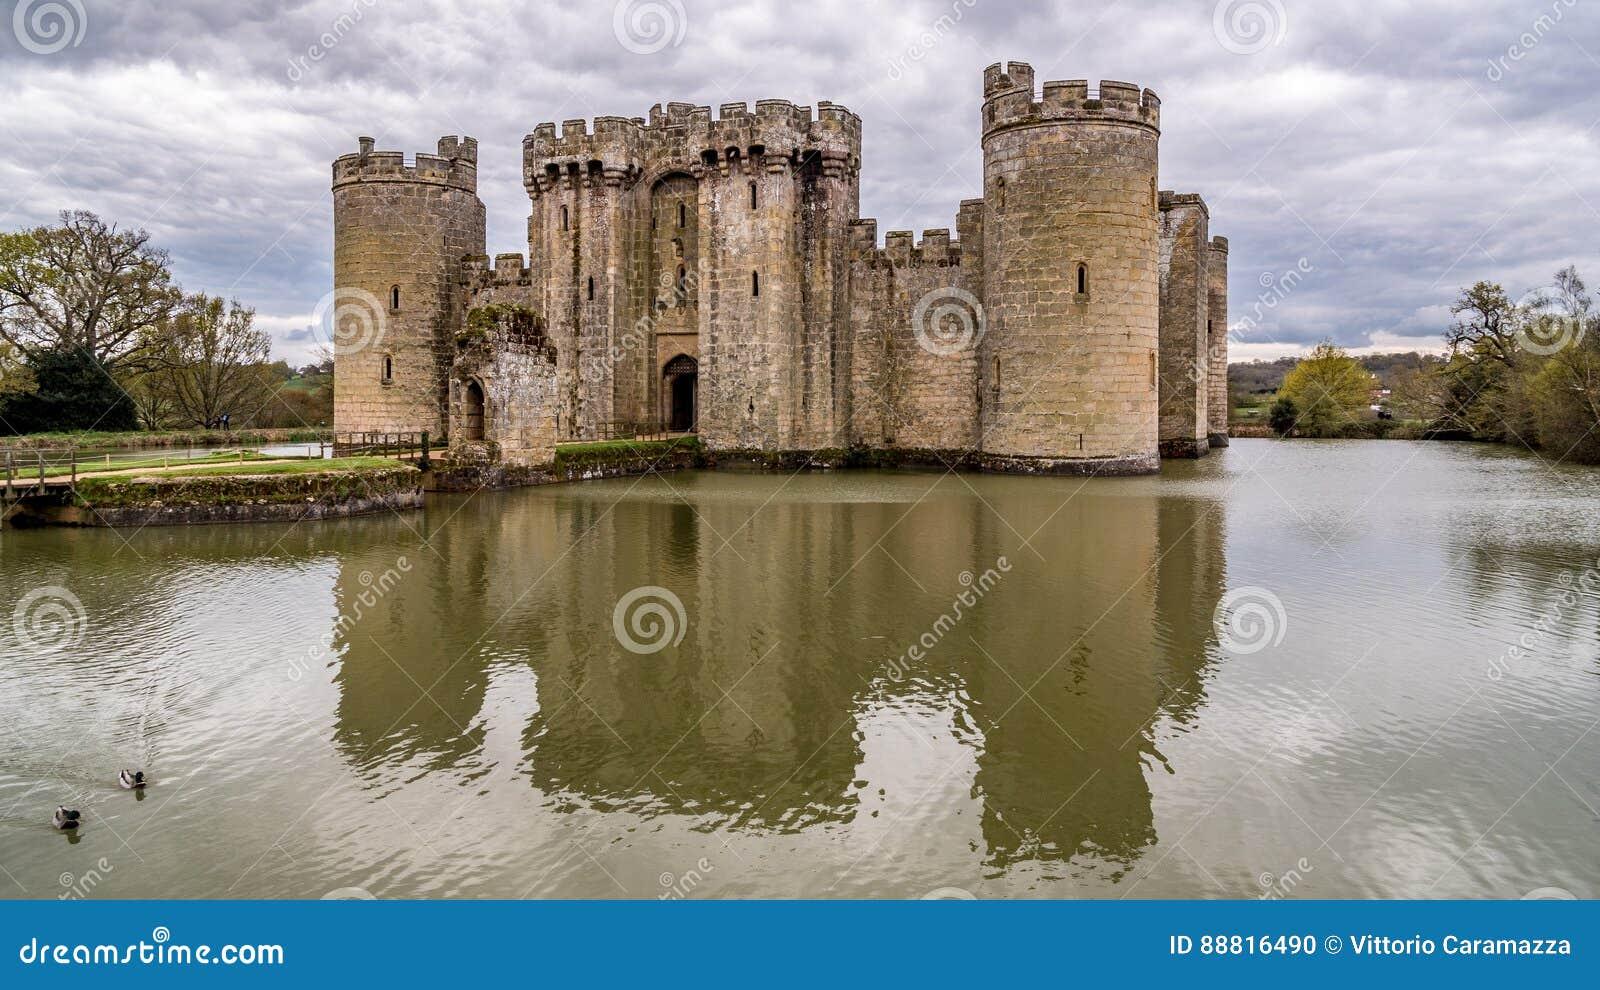 Een middeleeuws kasteel in Engeland